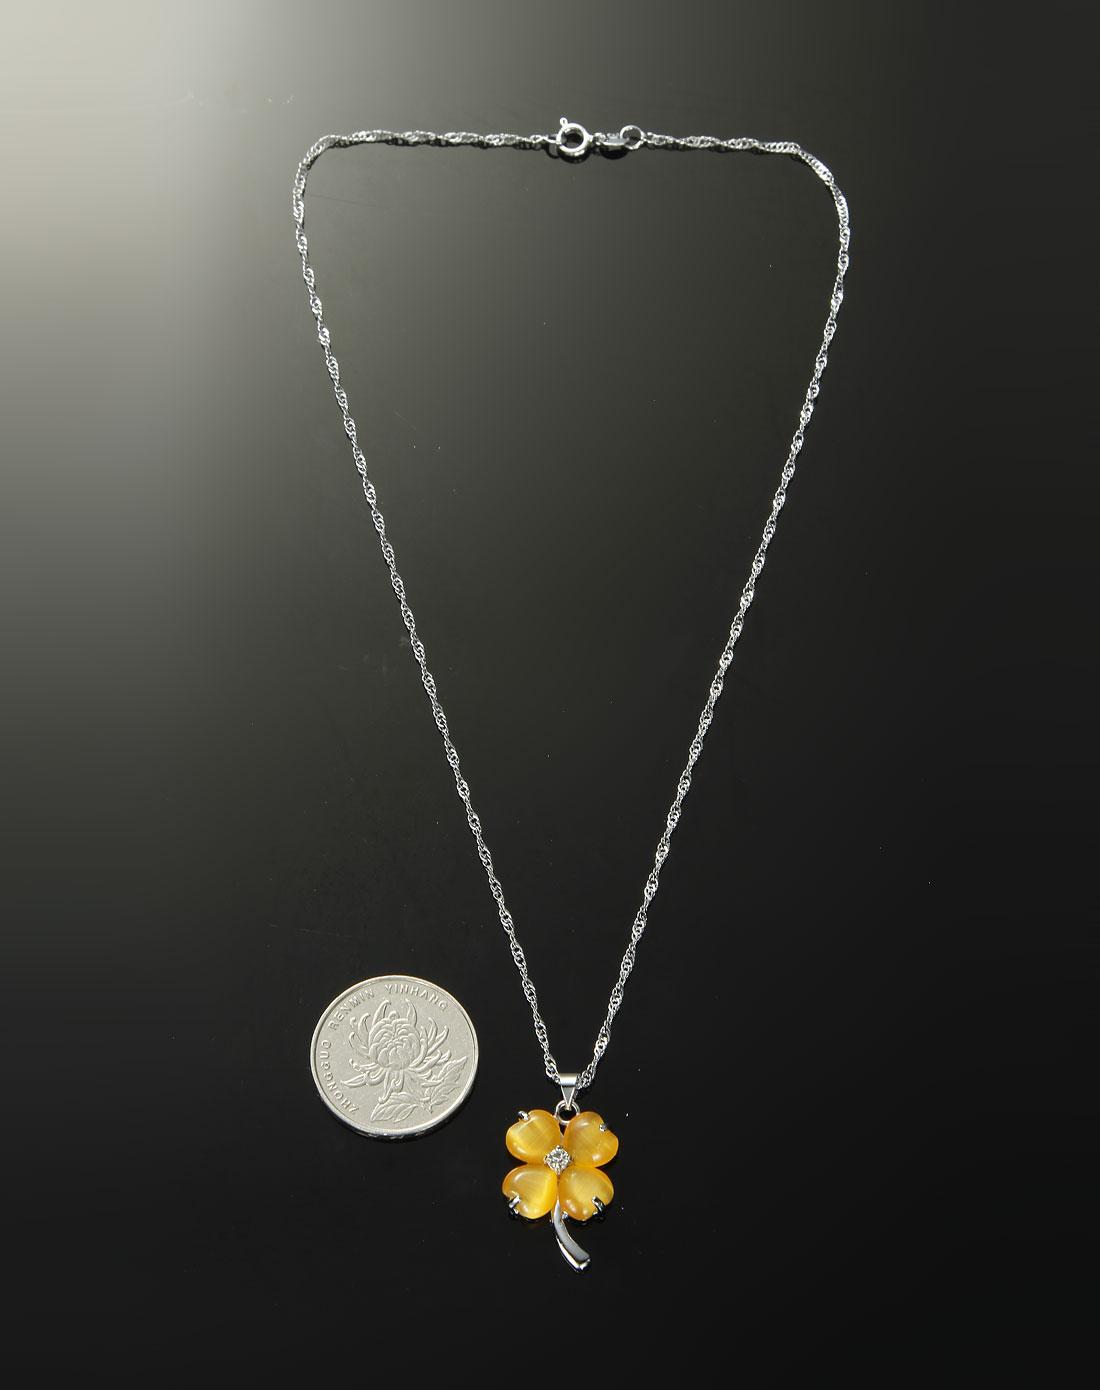 绿野翡翠饰品专场-黄色时尚银杏叶项链